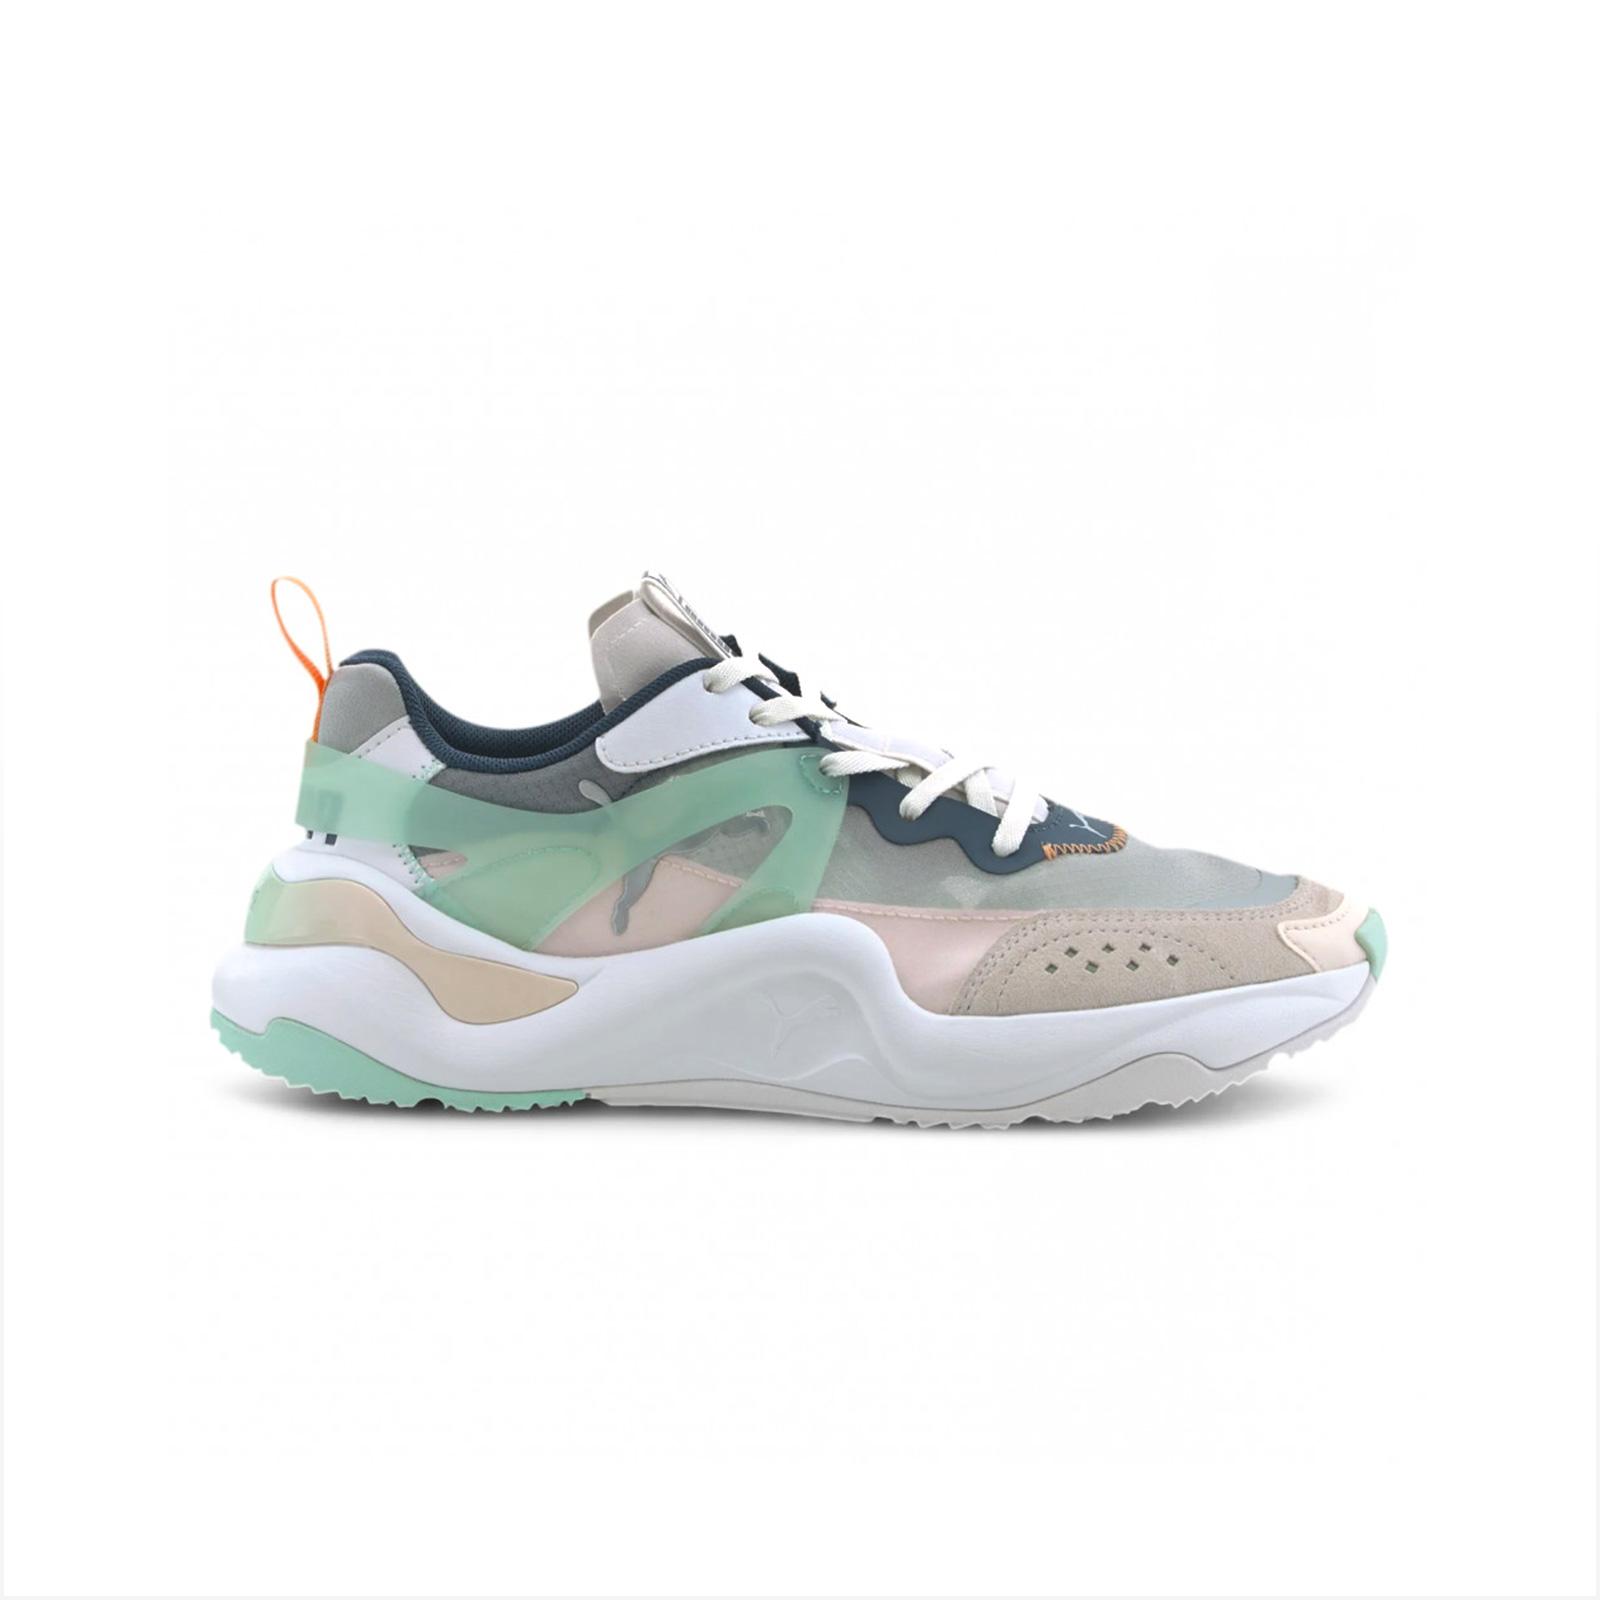 Puma - 371777 RISE WN'S FOOTWEAR - 1/93V5